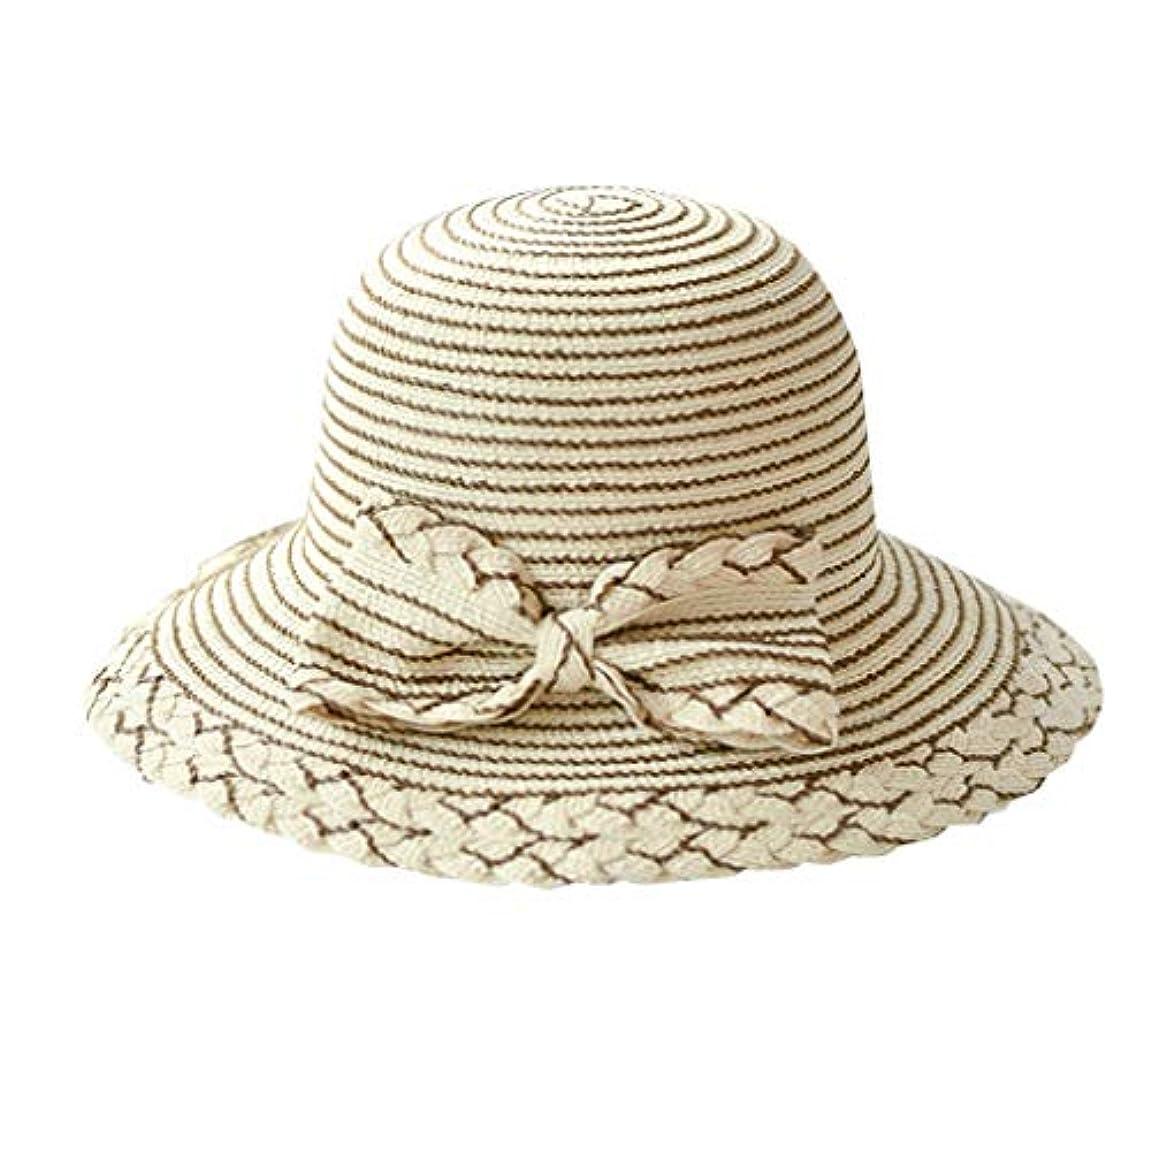 吸い込むホイッスル頻繁に夏 帽子 レディース UVカット 帽子 ハット レディース 日よけ 夏季 女優帽 日よけ 日焼け 折りたたみ 持ち運び つば広 吸汗通気 ハット レディース 紫外線対策 小顔効果 ワイヤー入る ハット ROSE ROMAN